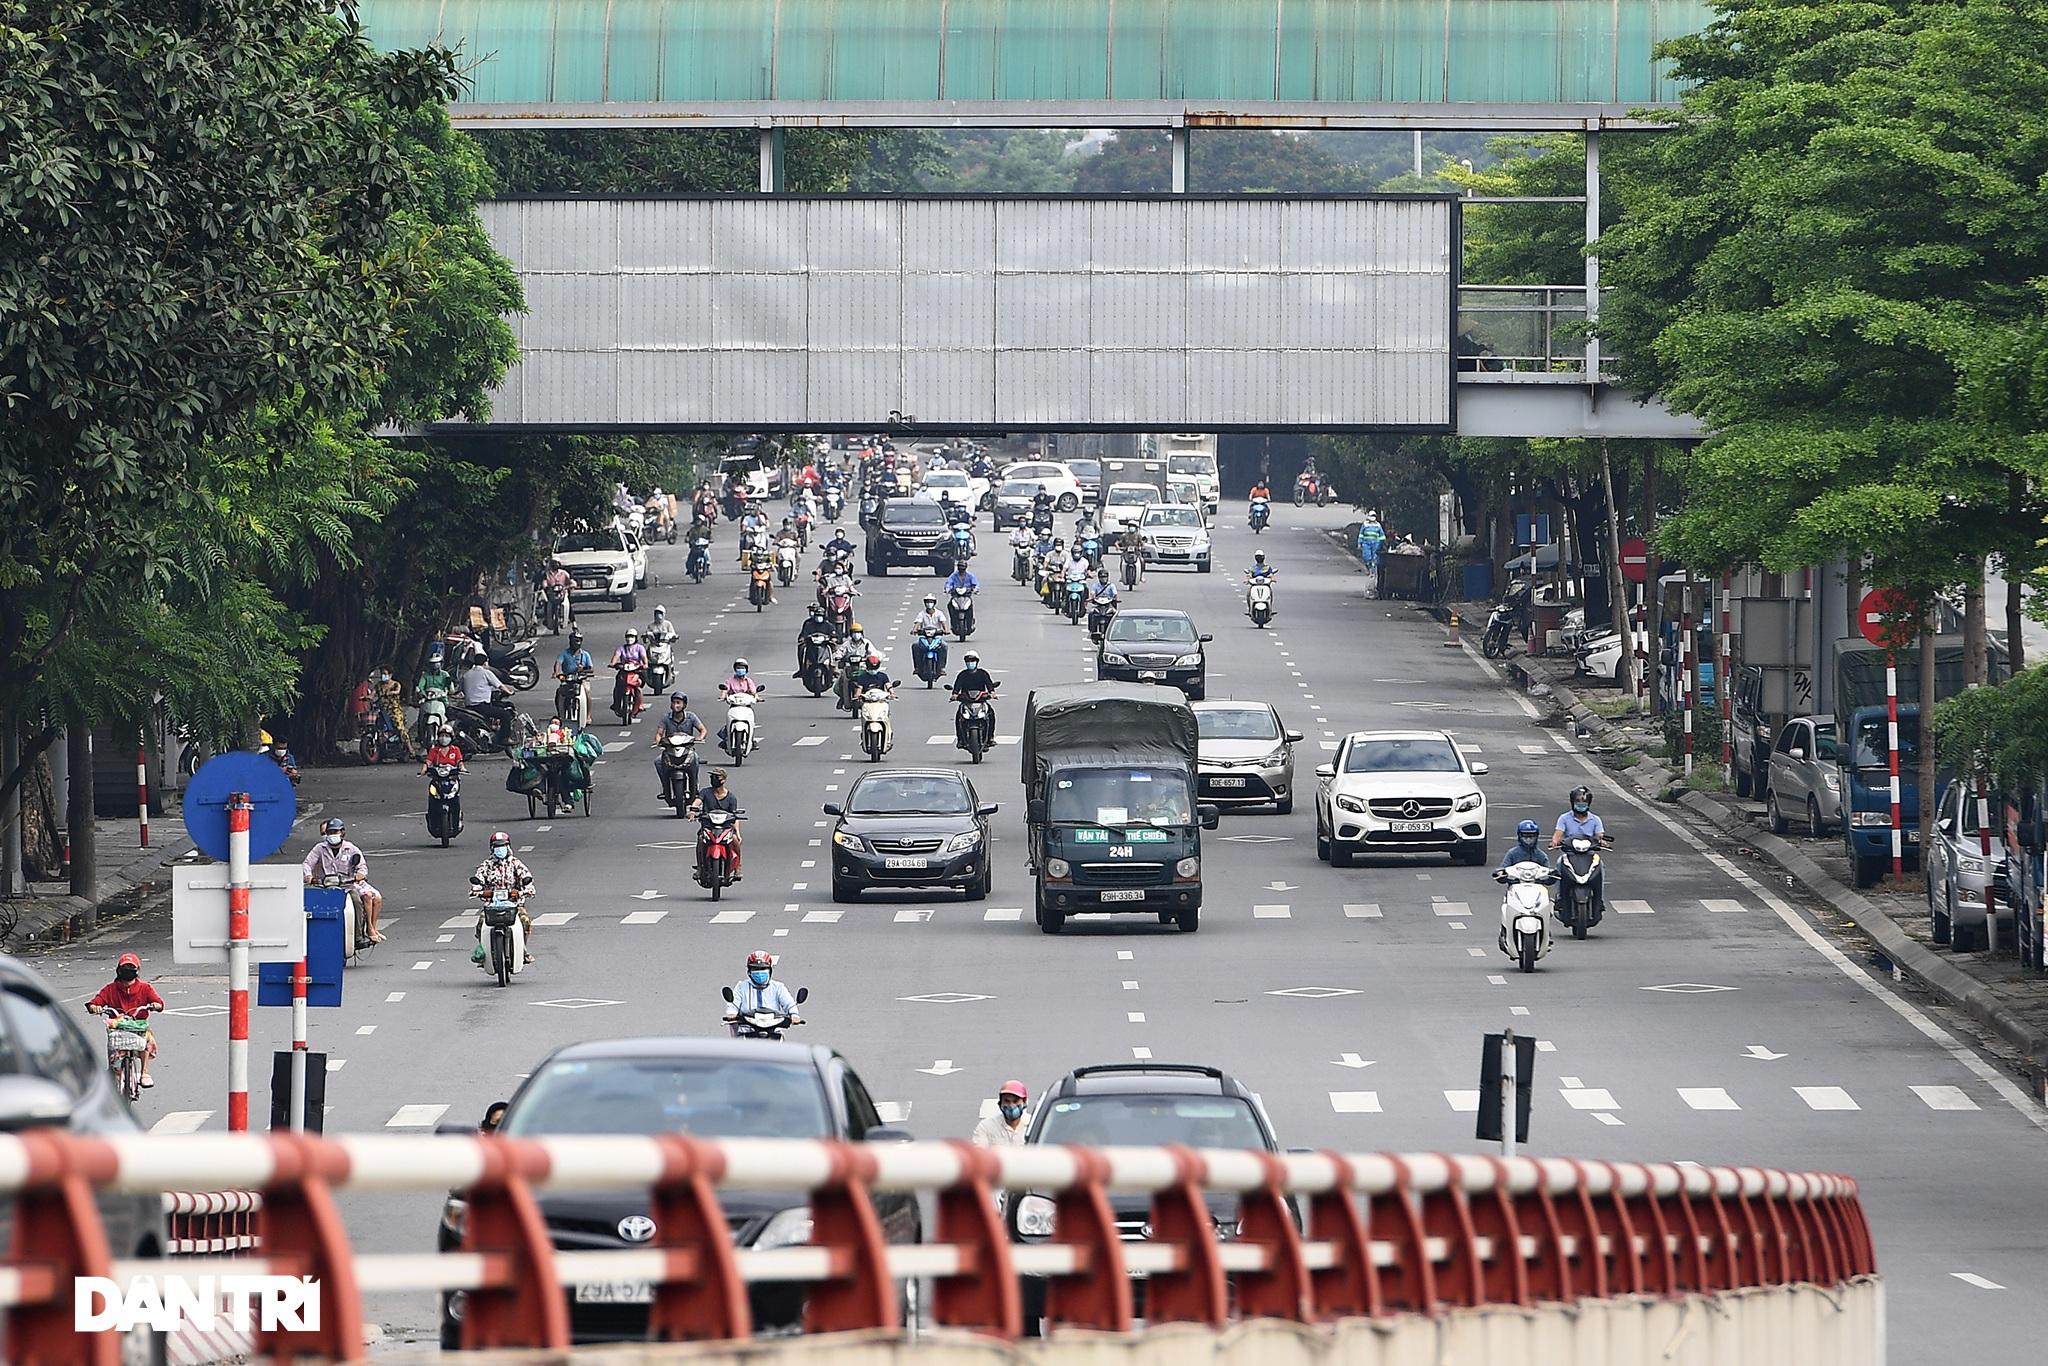 Hà Nội ngày đầu thực hiện Chỉ thị 16: Đường phố vắng, chợ dân sinh đông đúc - 18